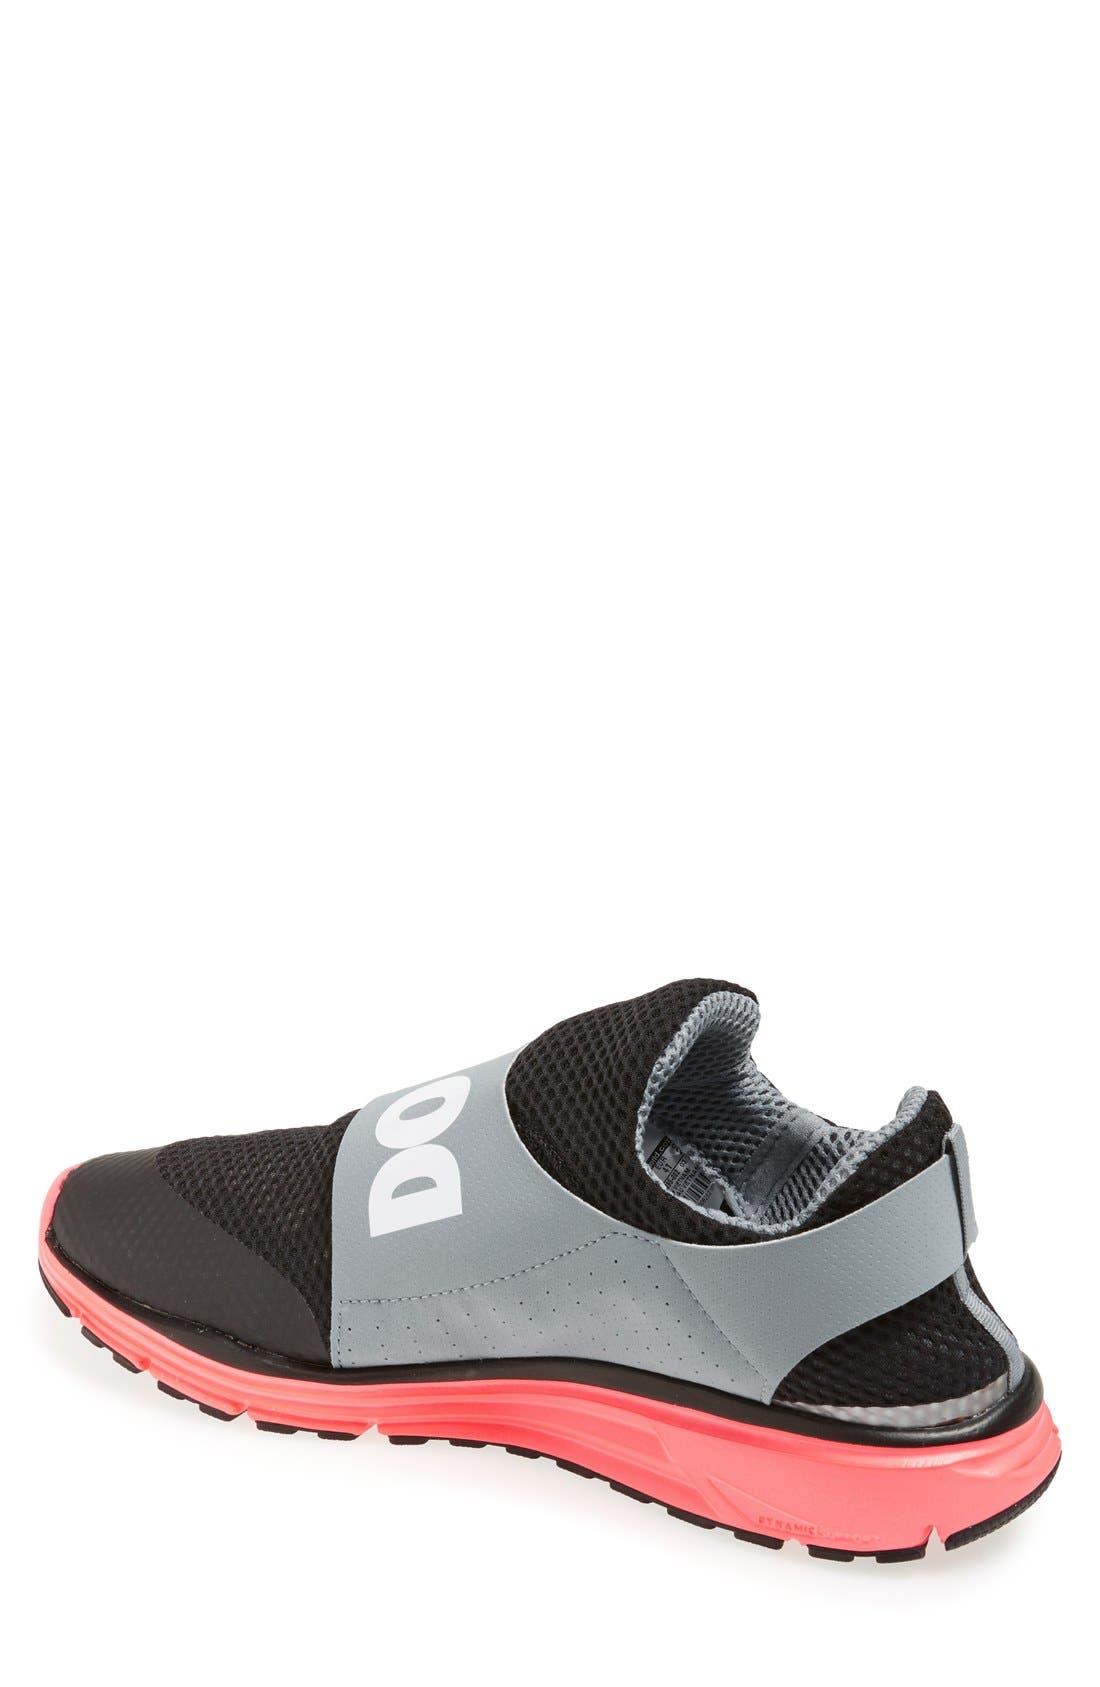 Alternate Image 2  - Nike 'Lunar Fly 306' Sneaker (Men)